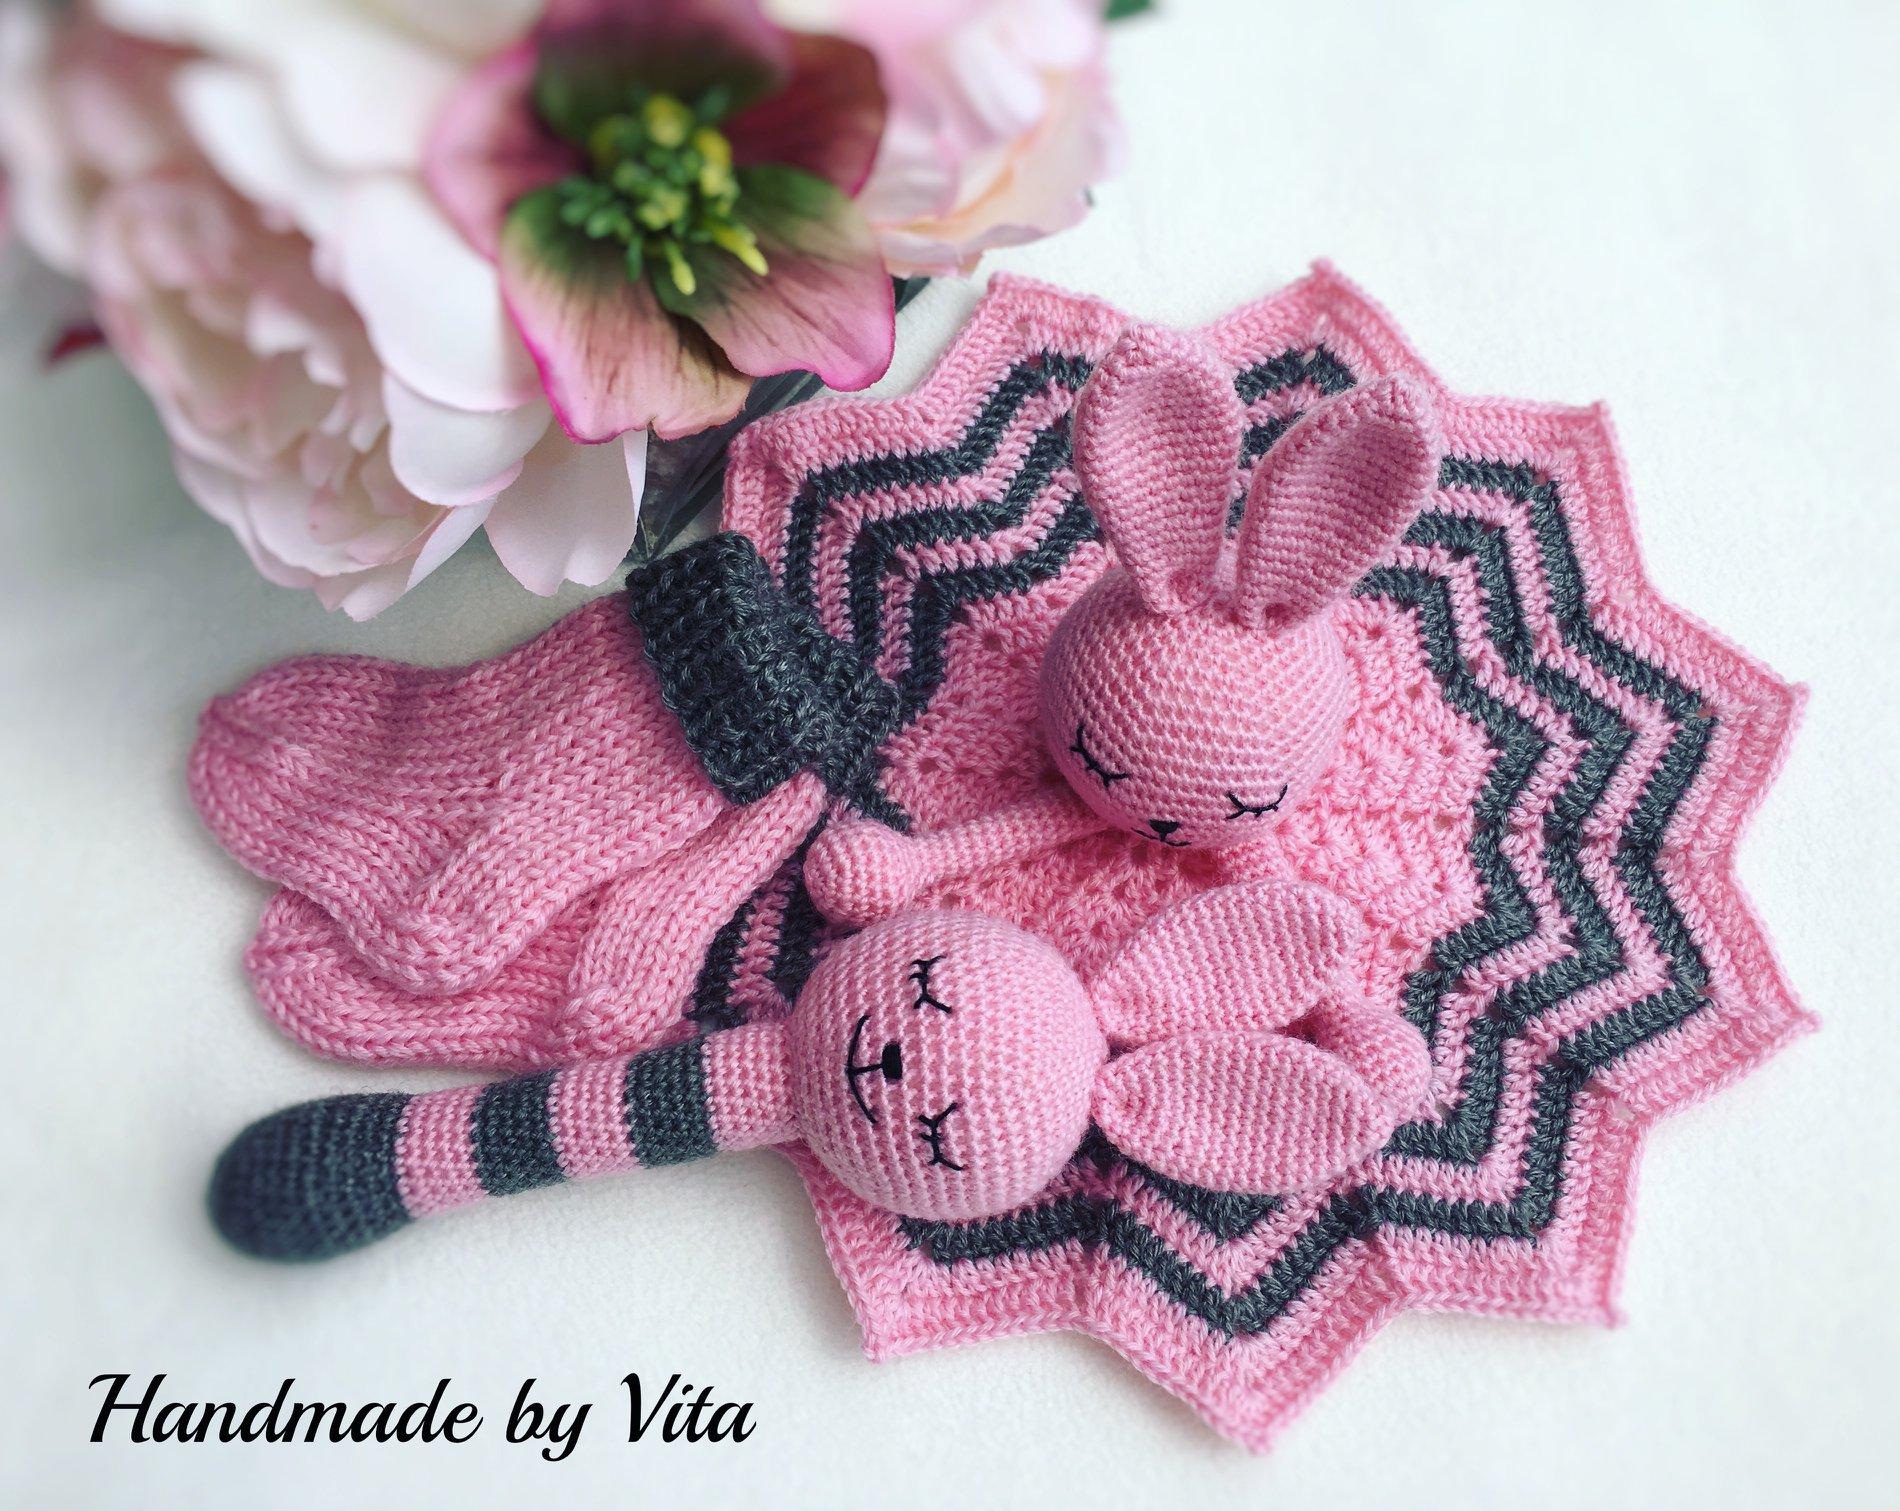 handmade-by-vita-baby-set-001